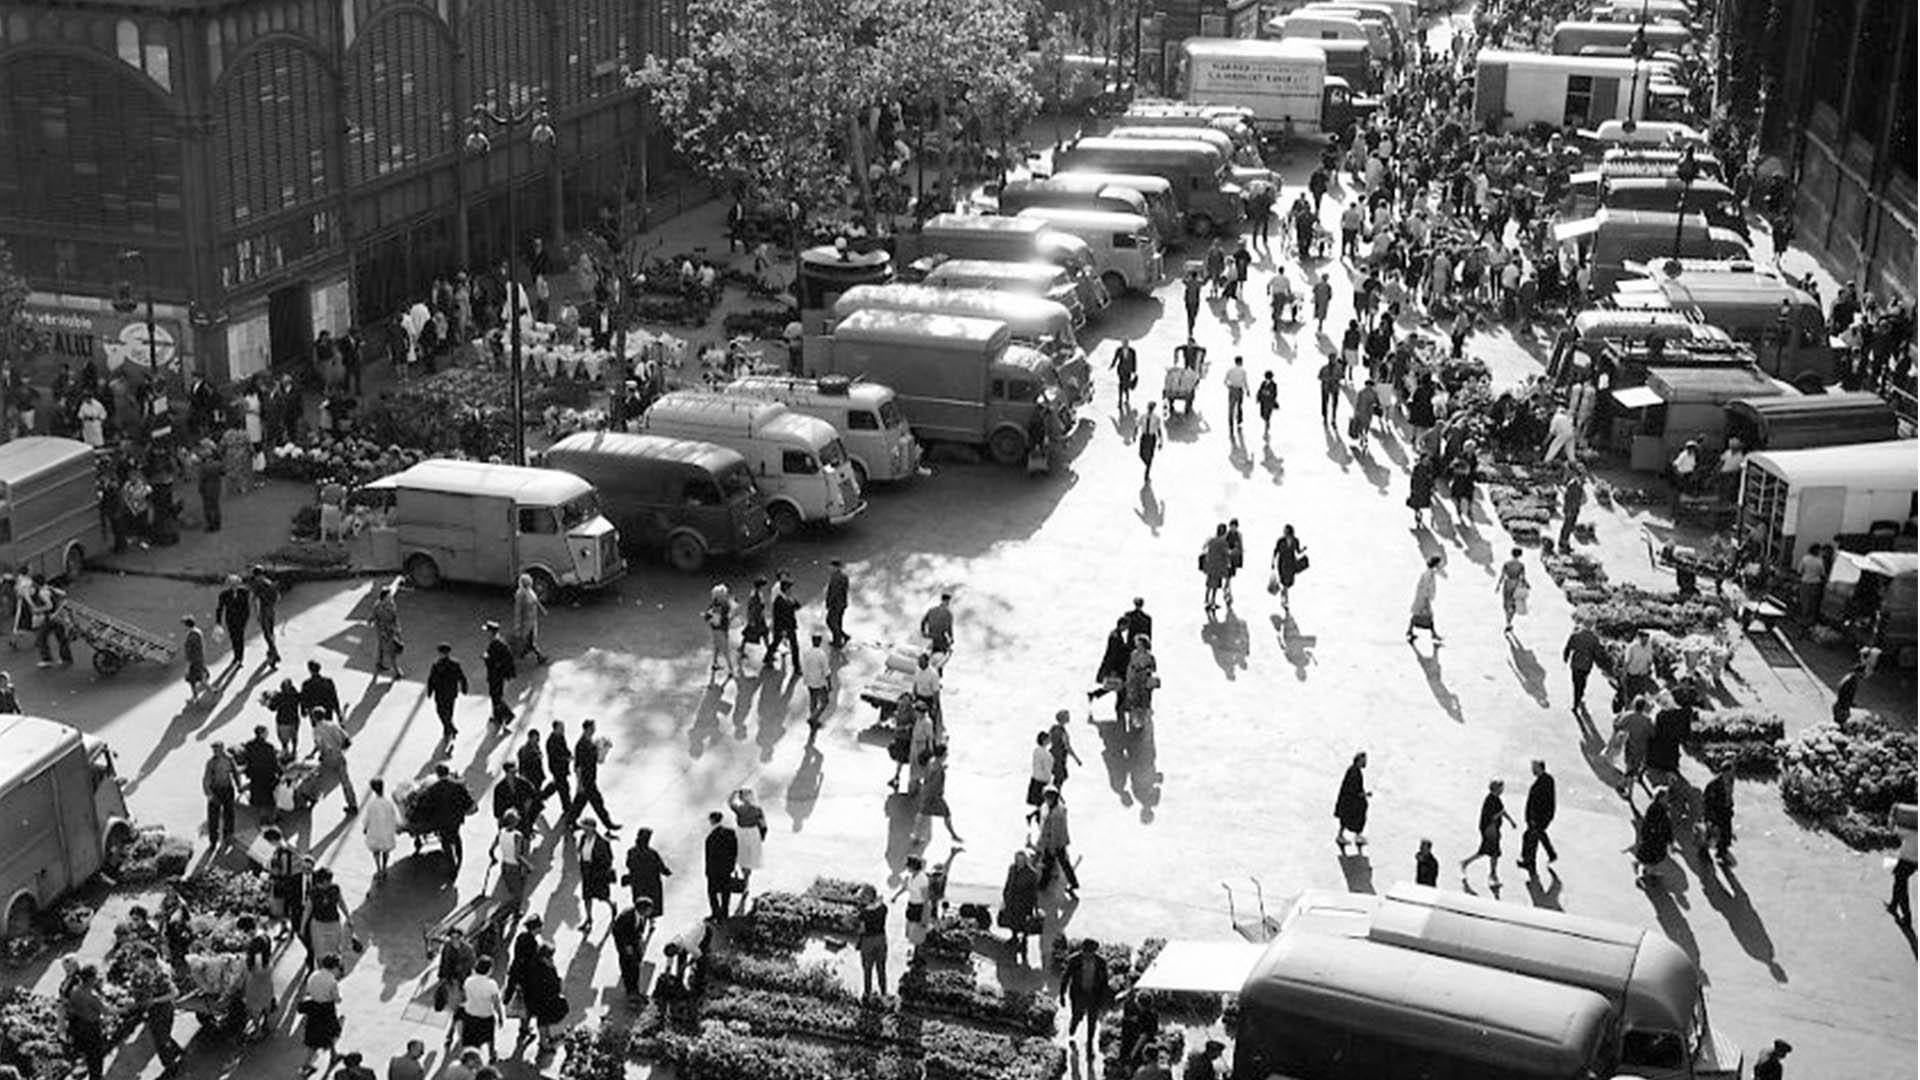 Le-destin-des-halles-les-halles-prrintemps-1964